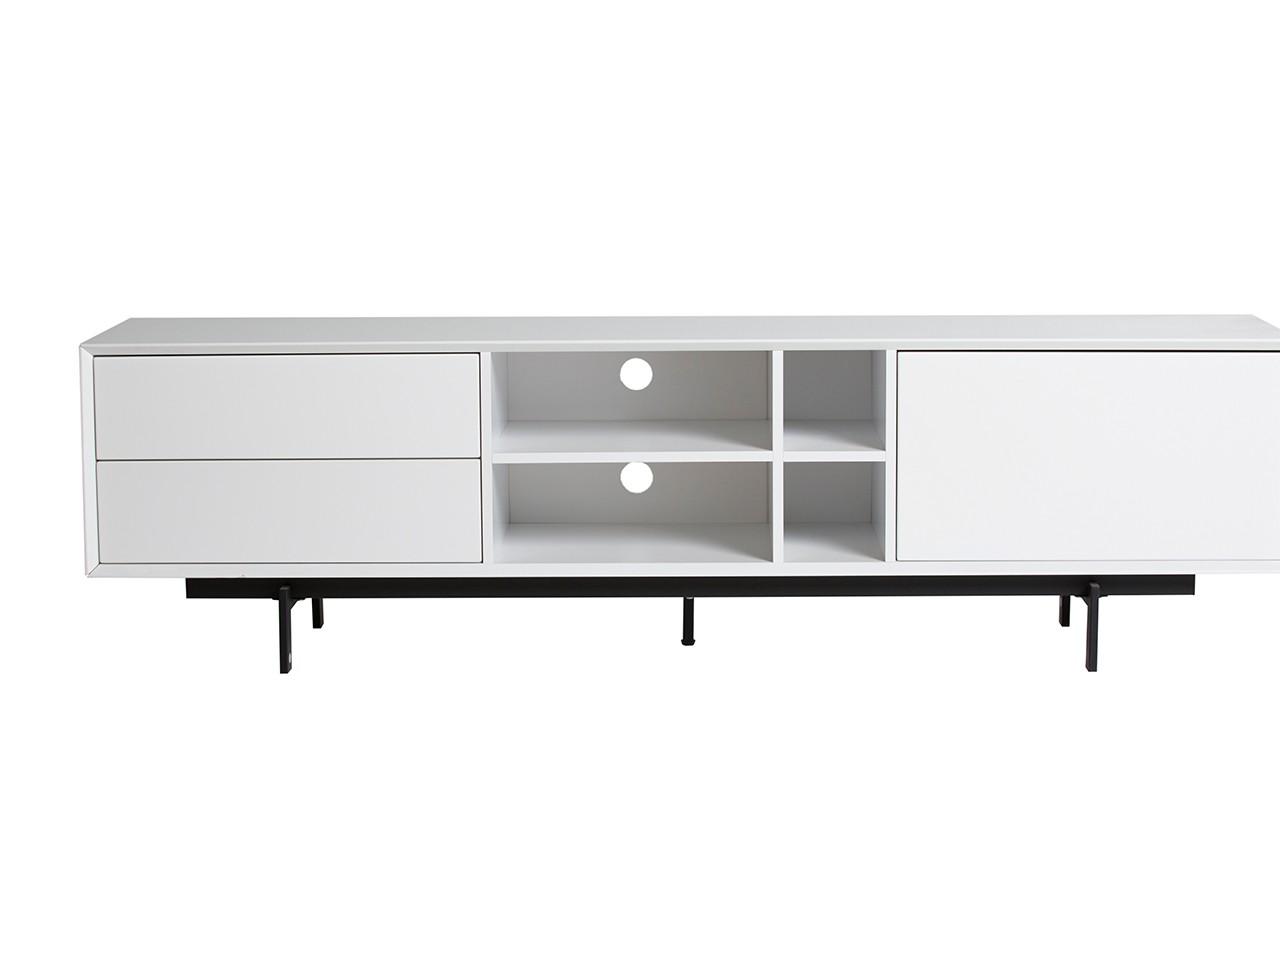 Cocinas modernas baratas precios muebles de cocina a for Cocina baratas precios